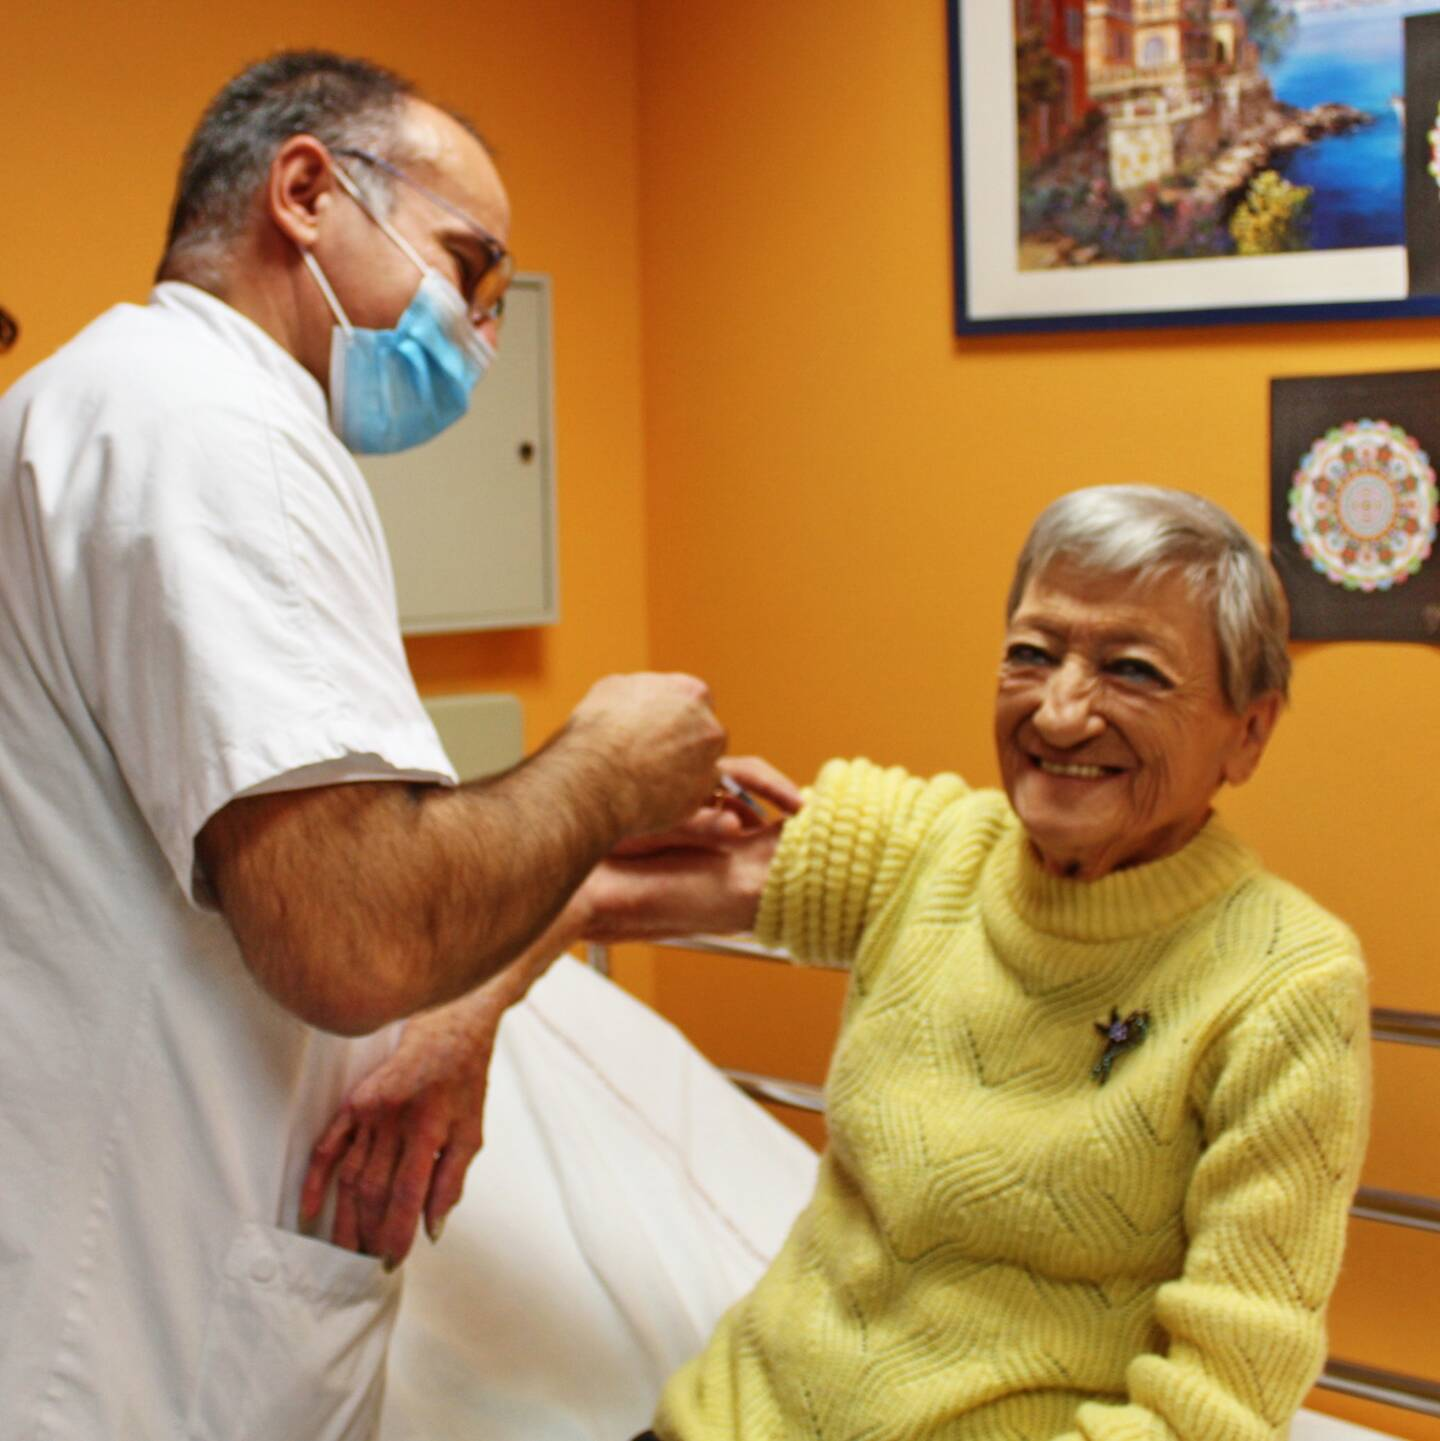 Bernadette, résidente de l'Ehpad, et Anne, aide-soignante au sein du service de soins à domicile, ont été vaccinées par Yves Nicolau, médecin en charge de la campagne.